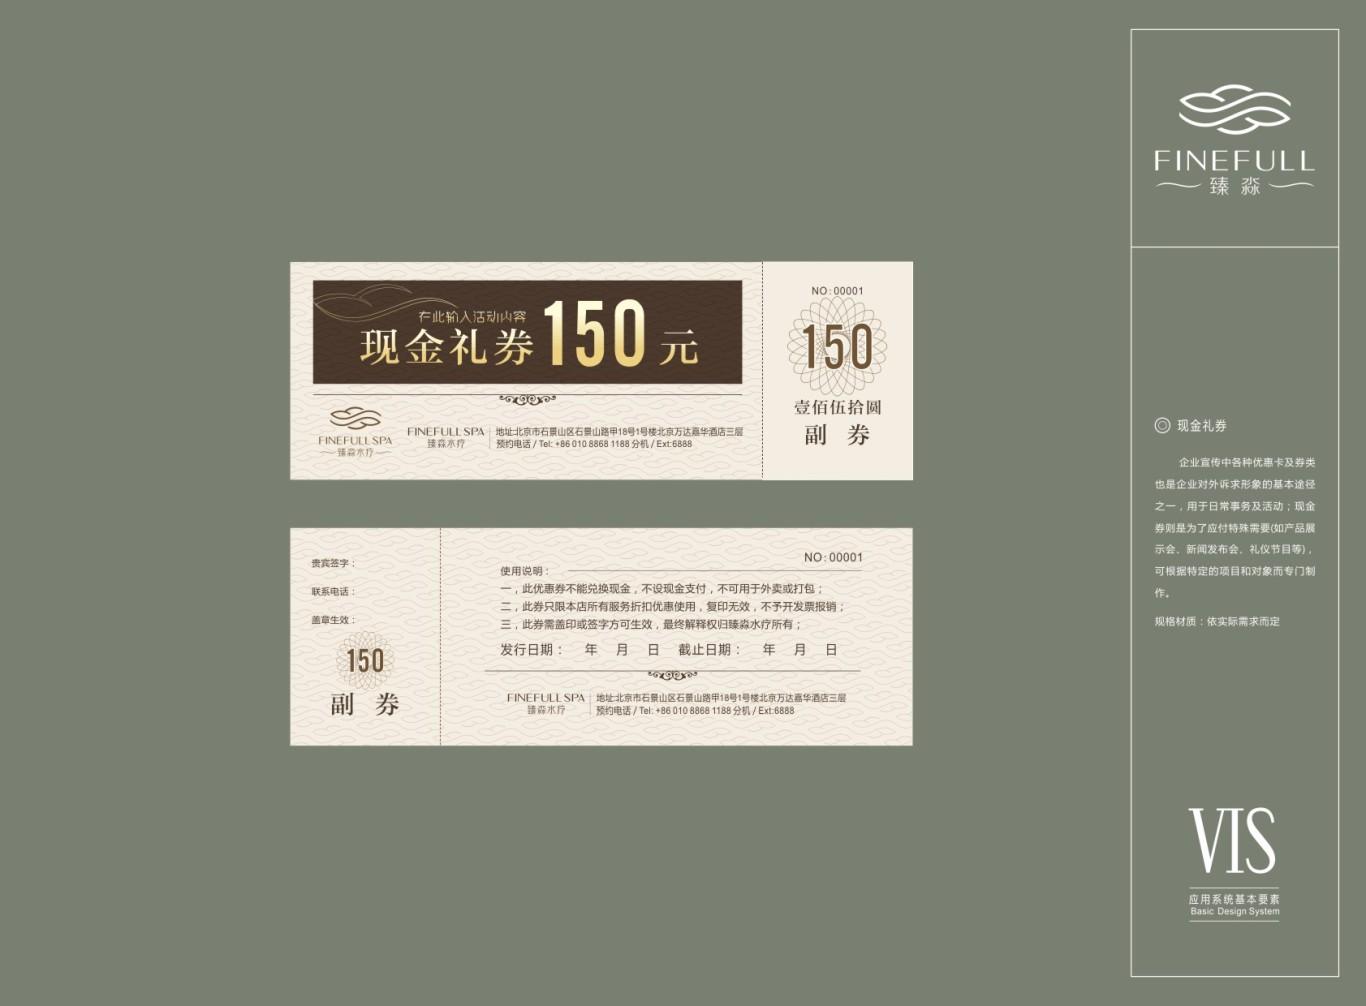 北京五星级FINEFULL-SPA水疗中心标志及VI设计图40